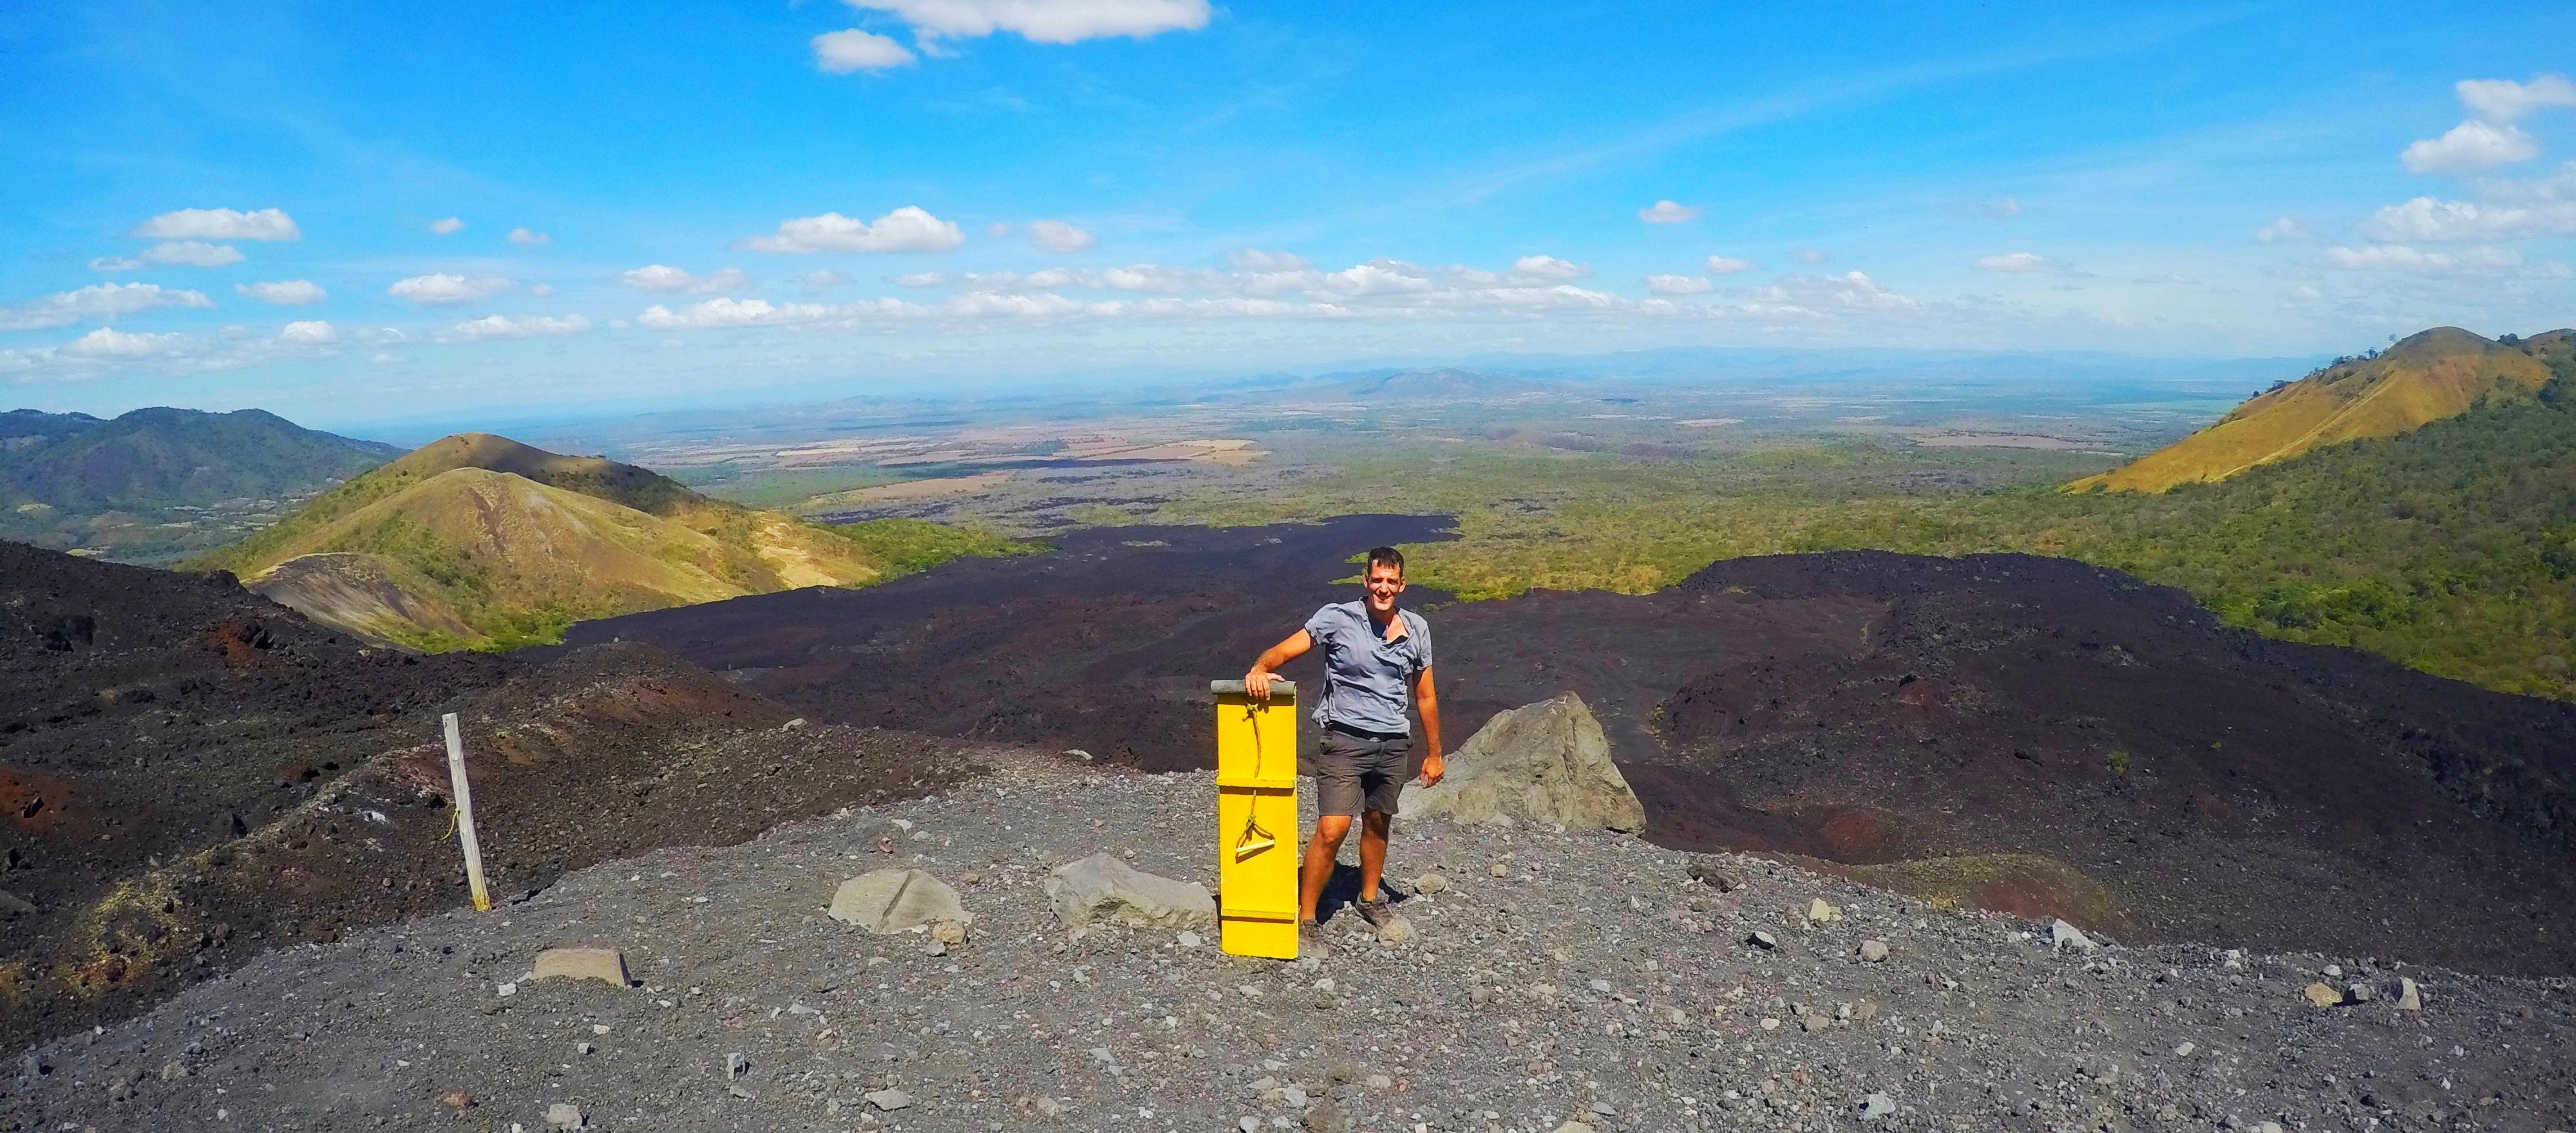 Volcano Boarding is Crazy Fun!